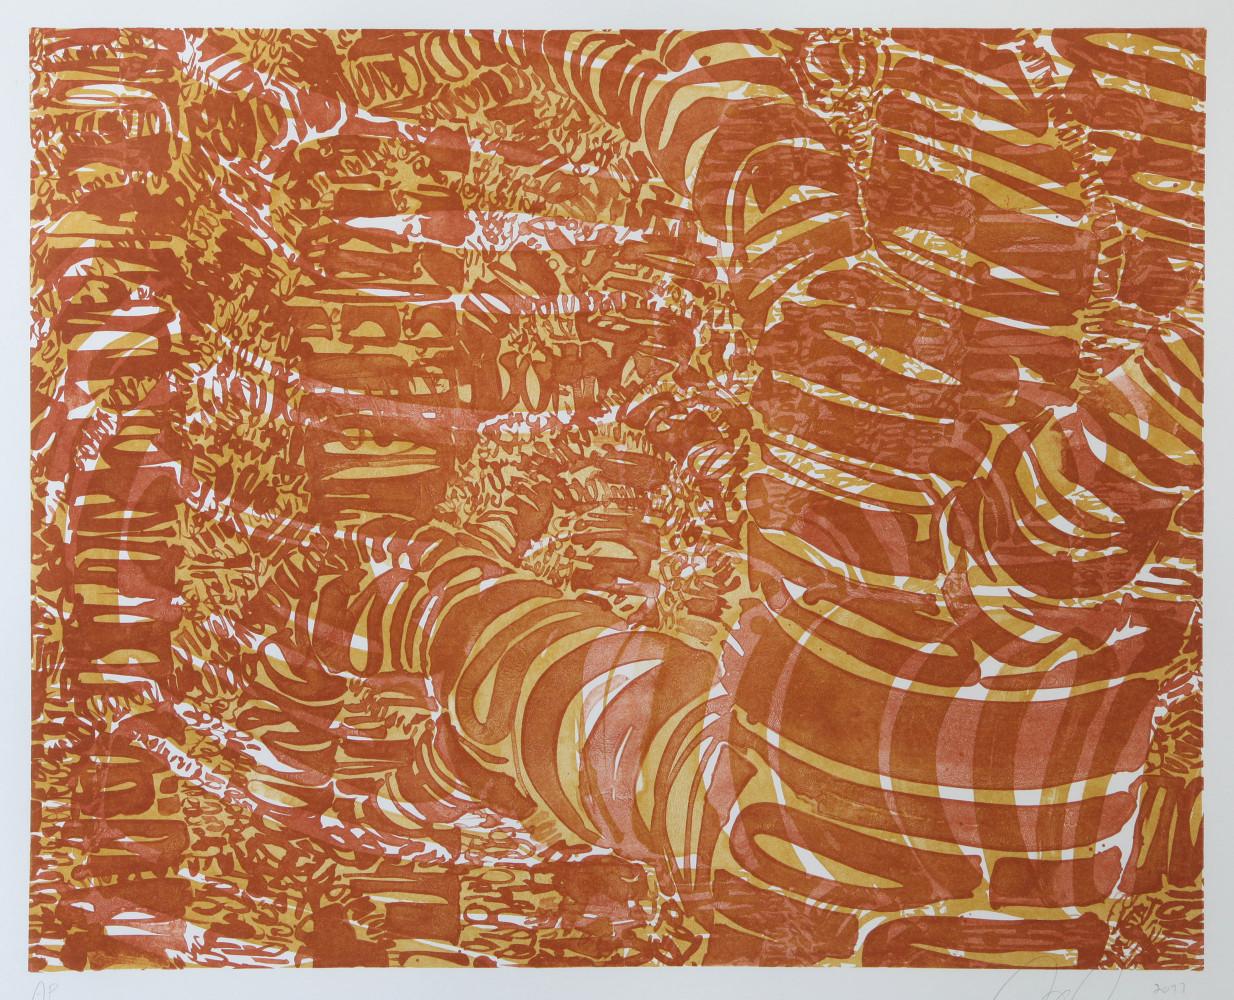 Tony Cragg, 'Waldzimmer', 2011